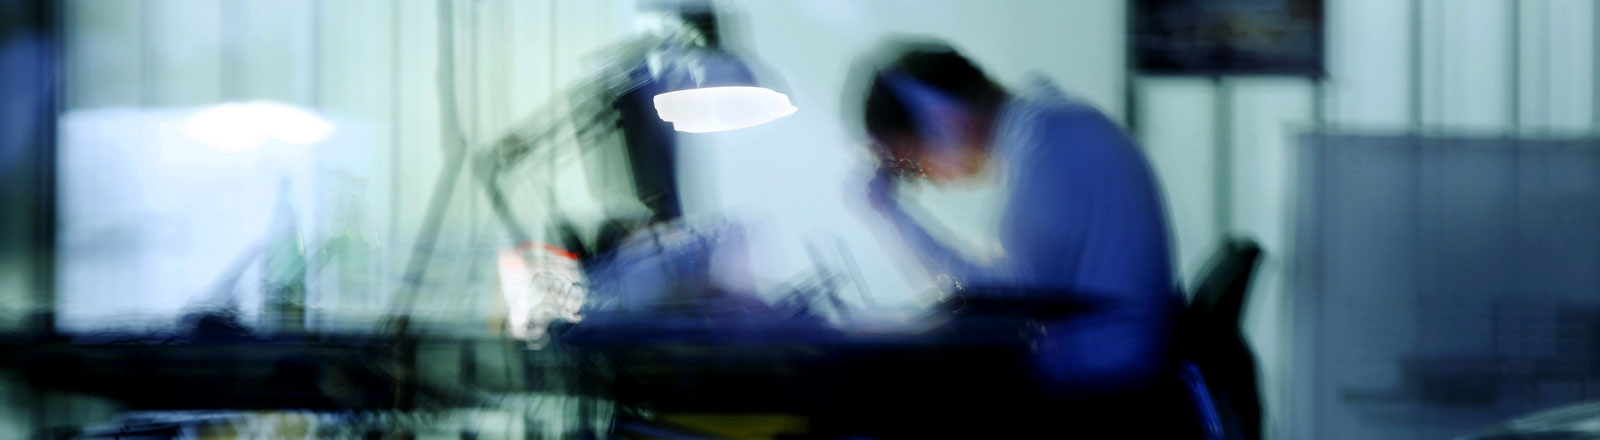 Ein Mann sitzt abends an einem Schreibtisch, die Schreibtischlampe ist angeschaltet.